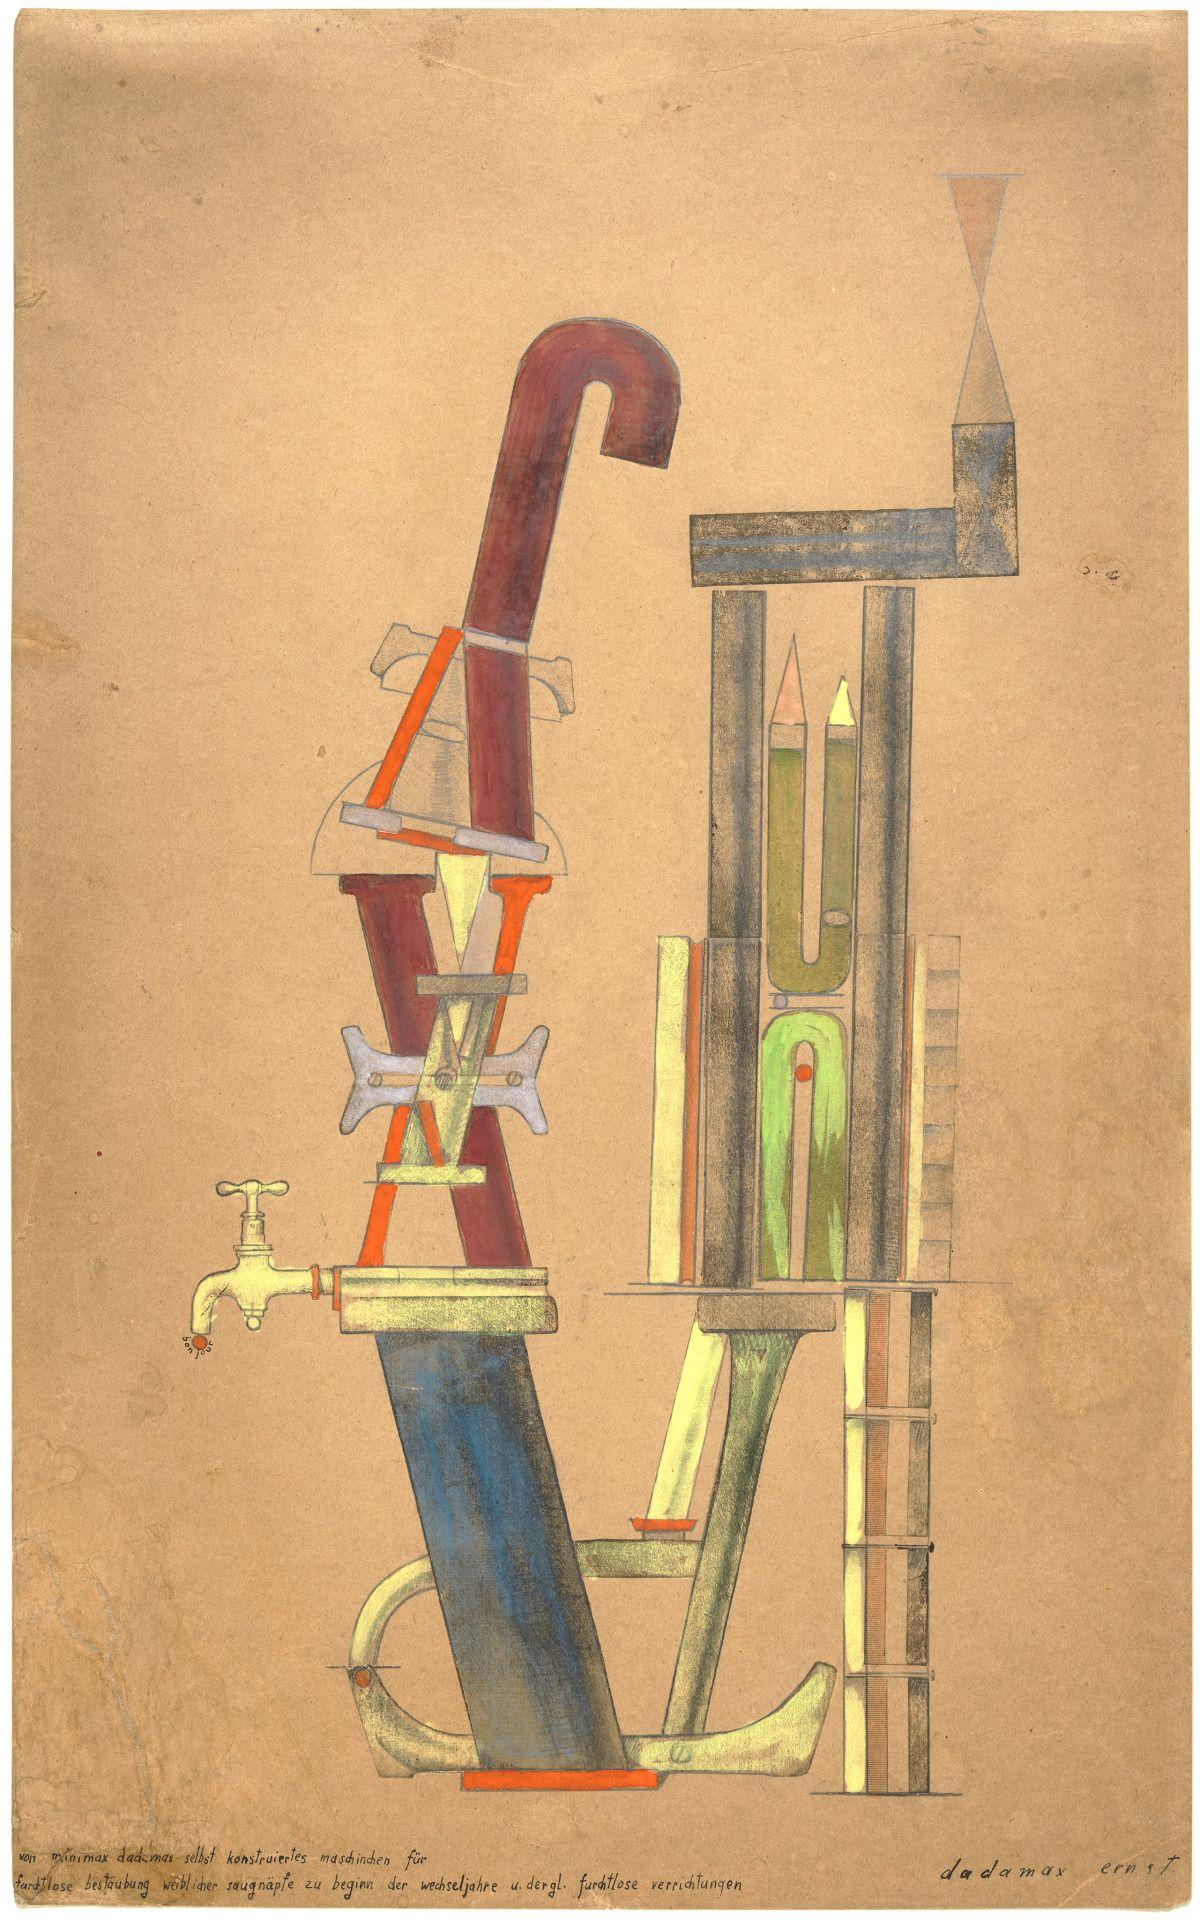 """retroavangarda: """" Max Ernst Little Machine Constructed by Minimax Dadamax in Person (Von minimax dadamax selbst konstruiertes maschinchen), 1920 """""""